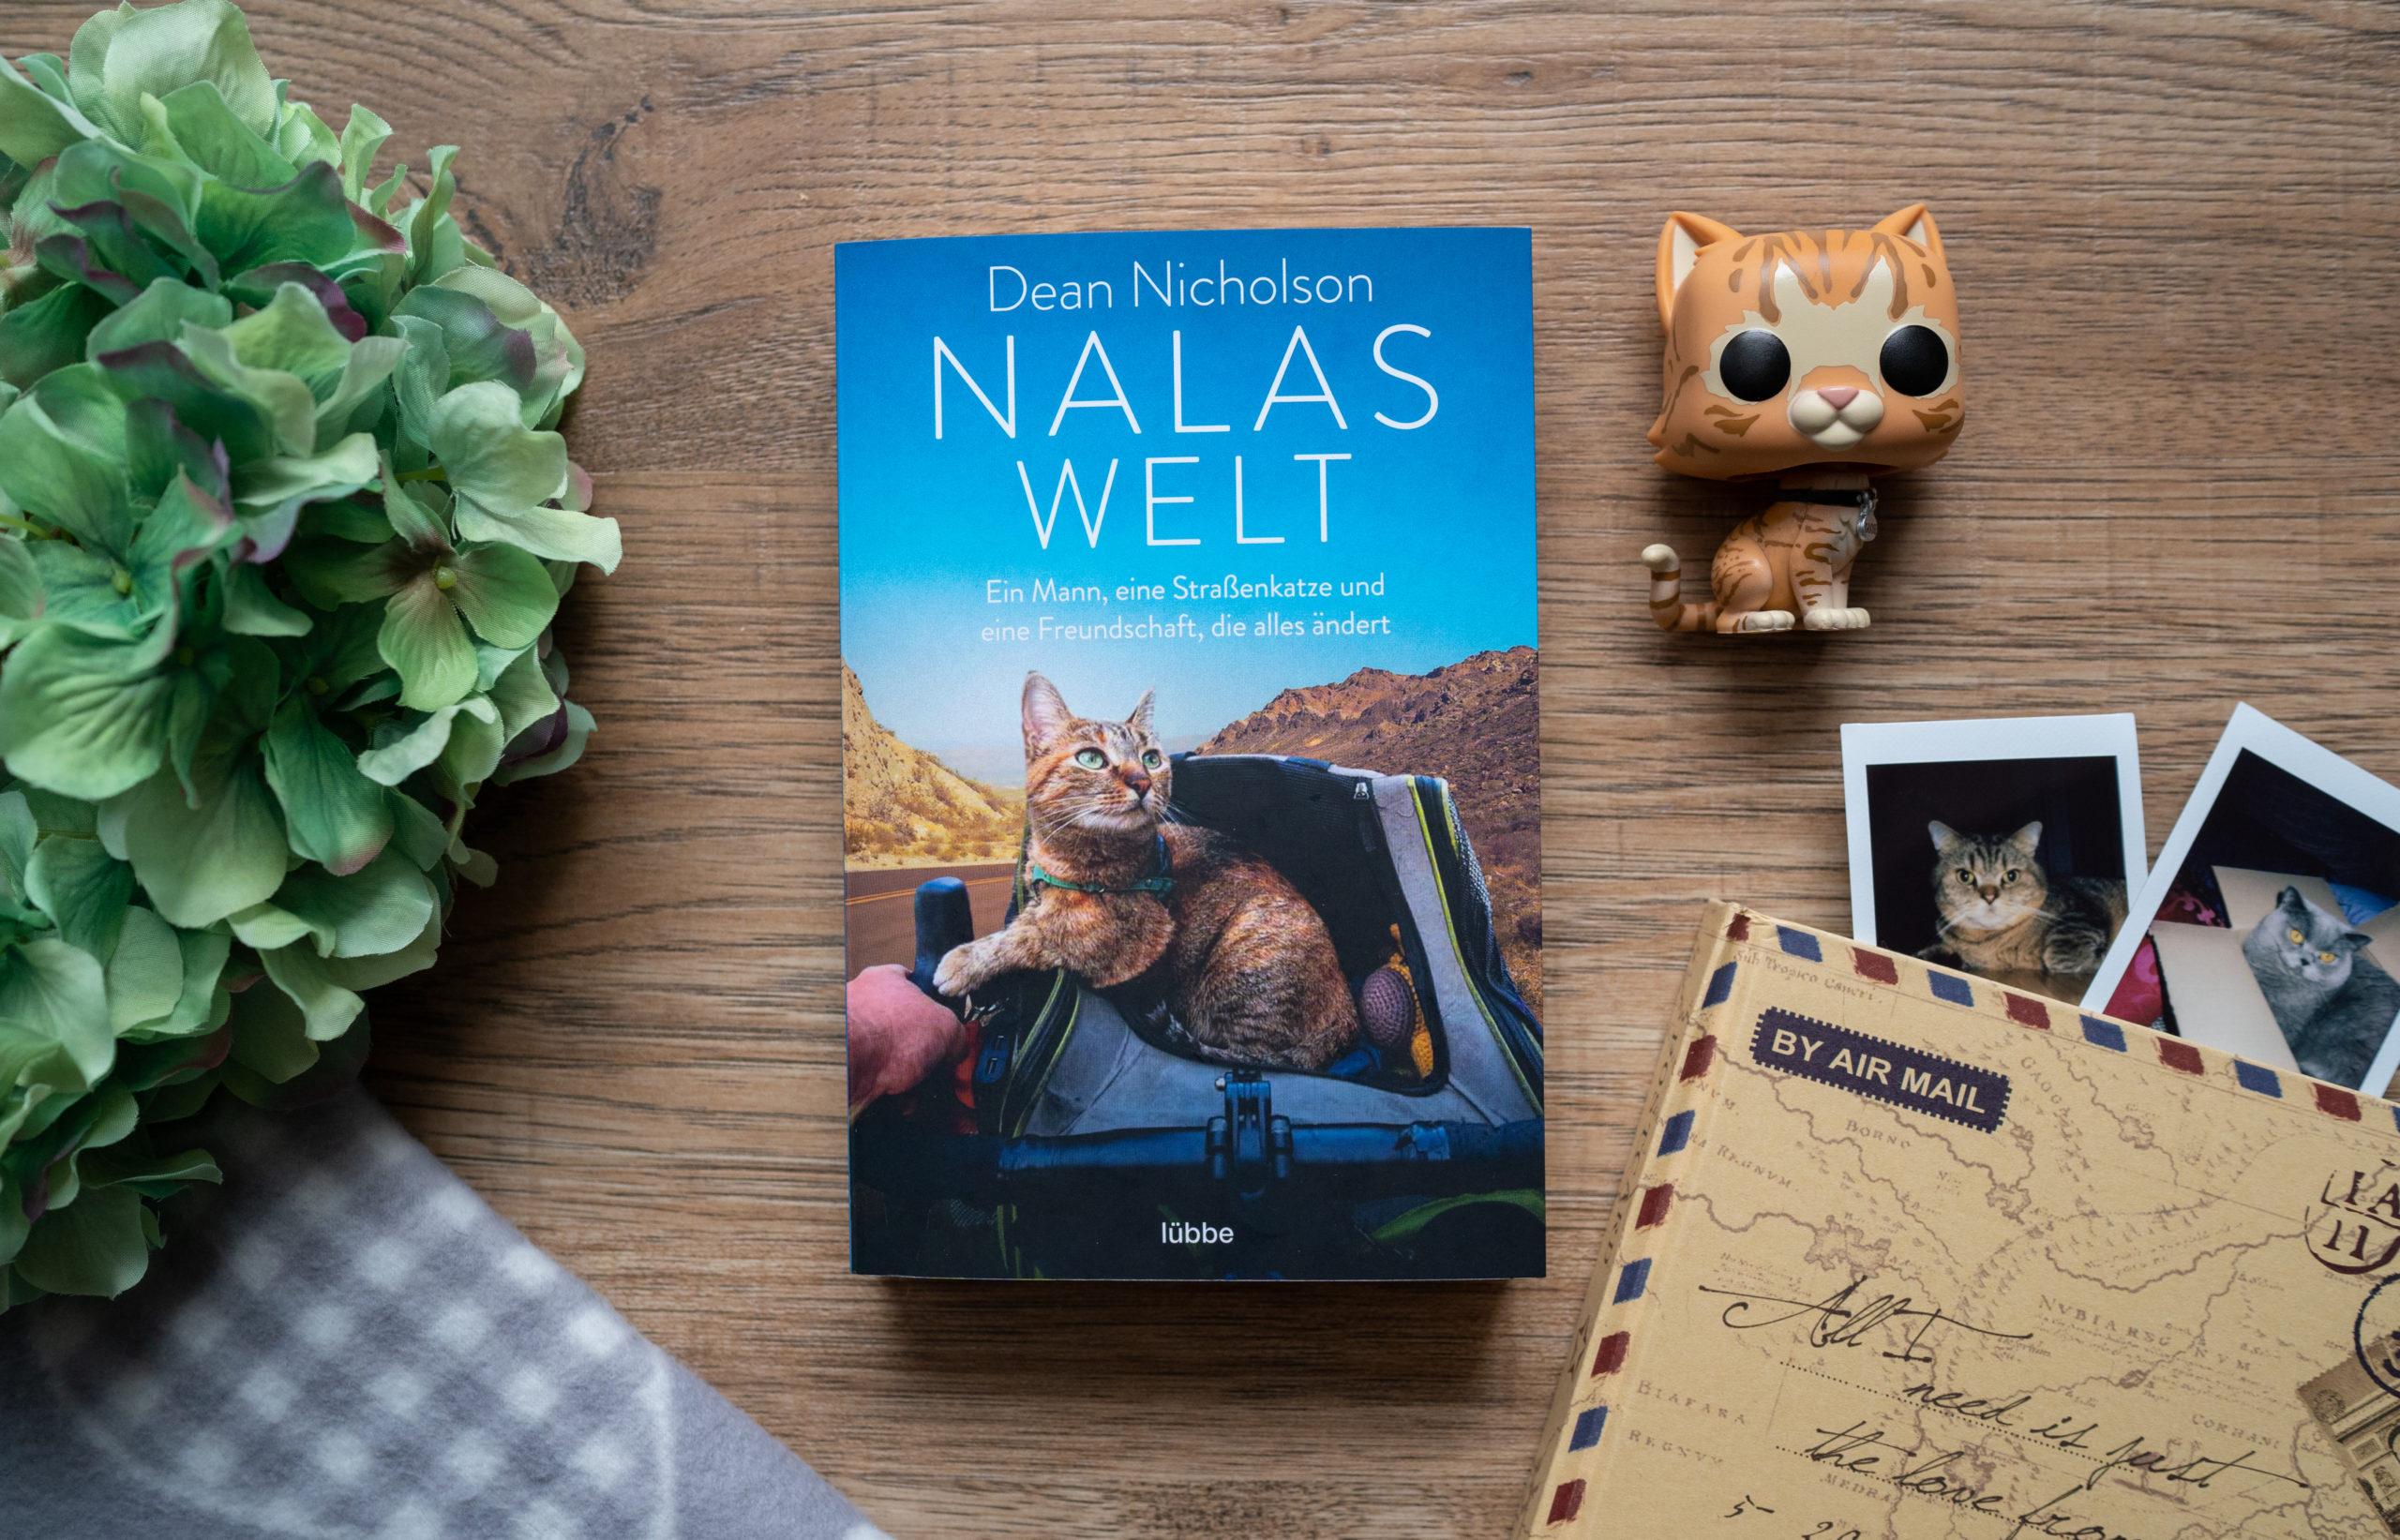 Nalas Welt – Dean Nicholson graphic